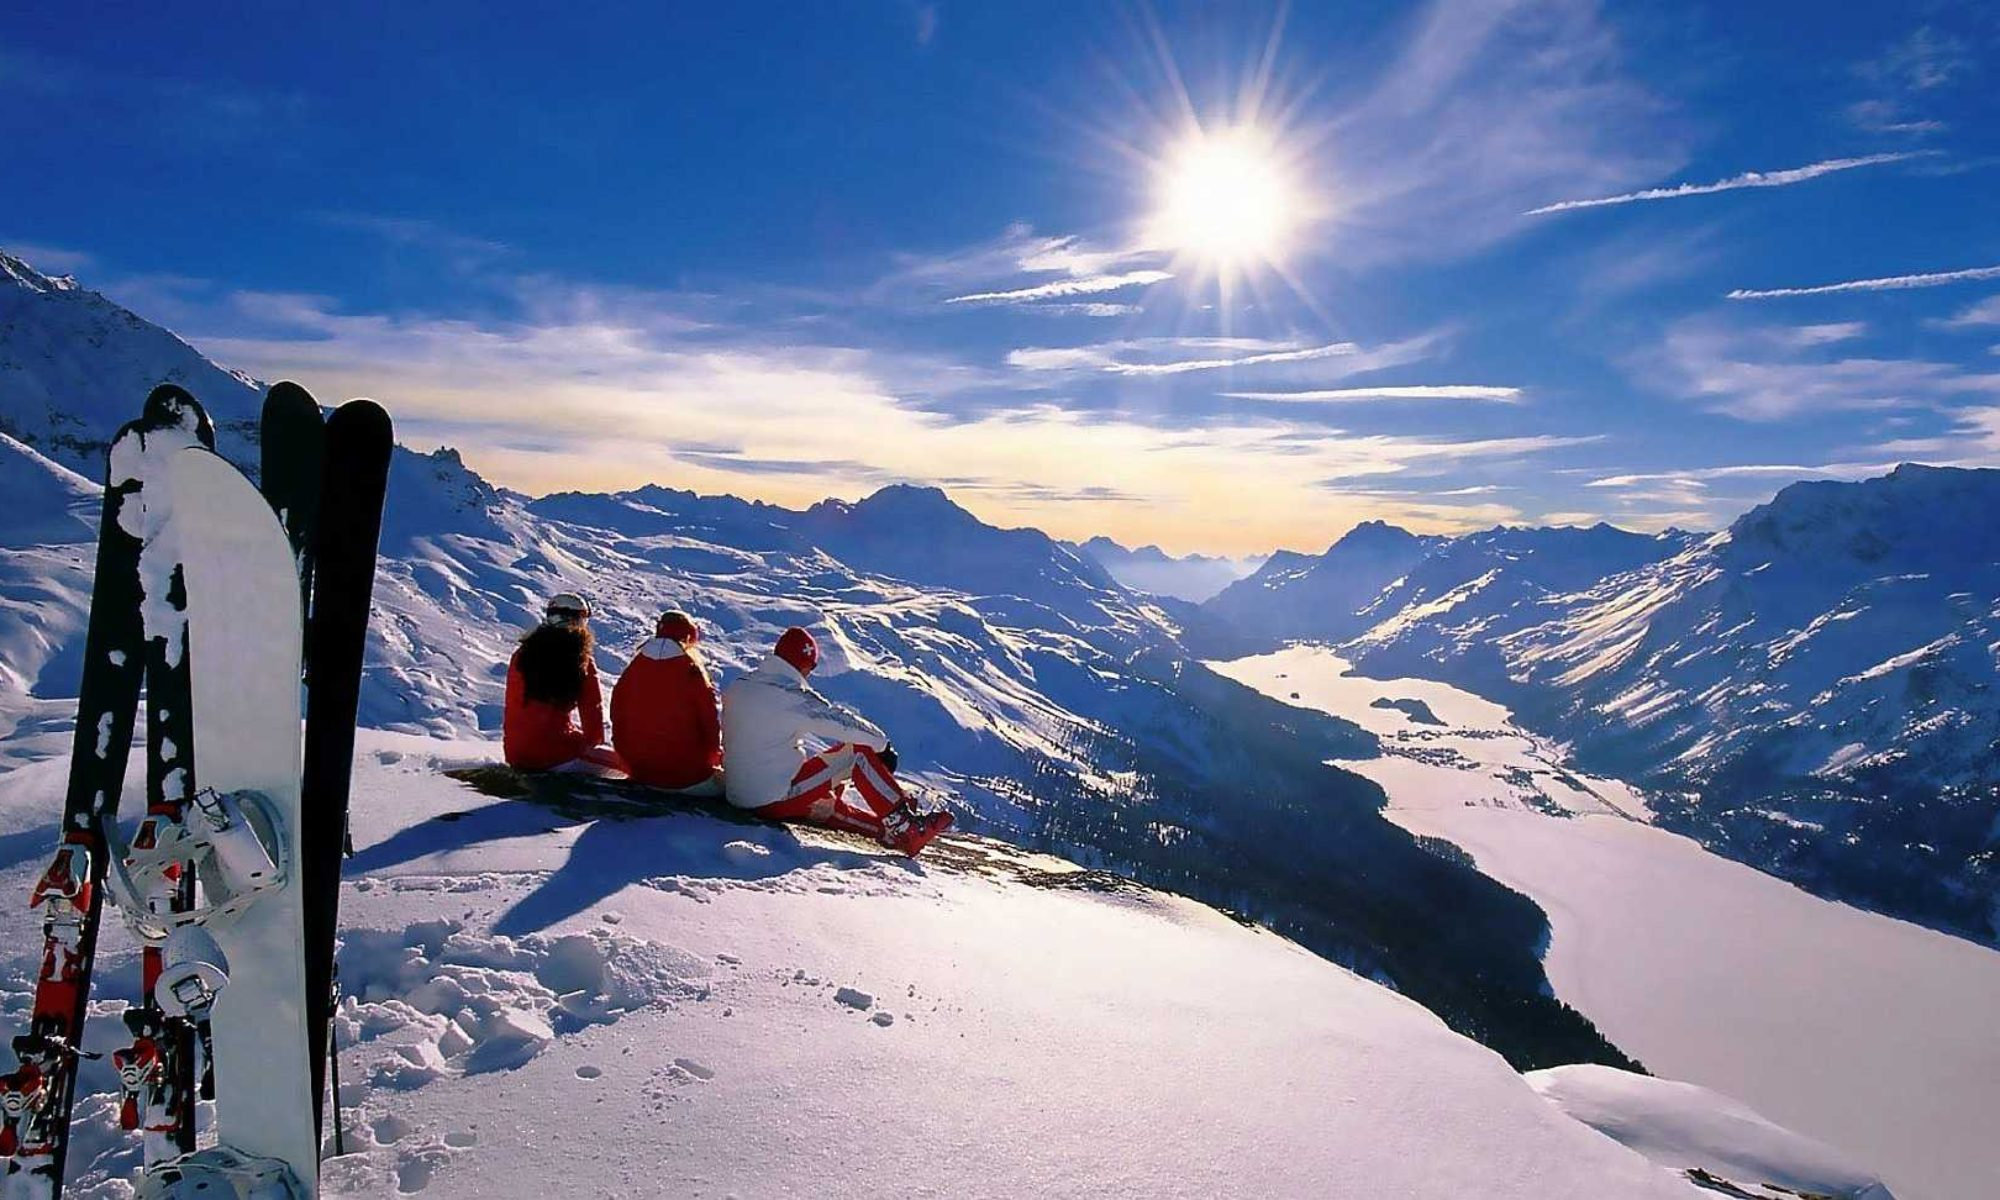 اسکی روی سقف هتل در سوئیس!